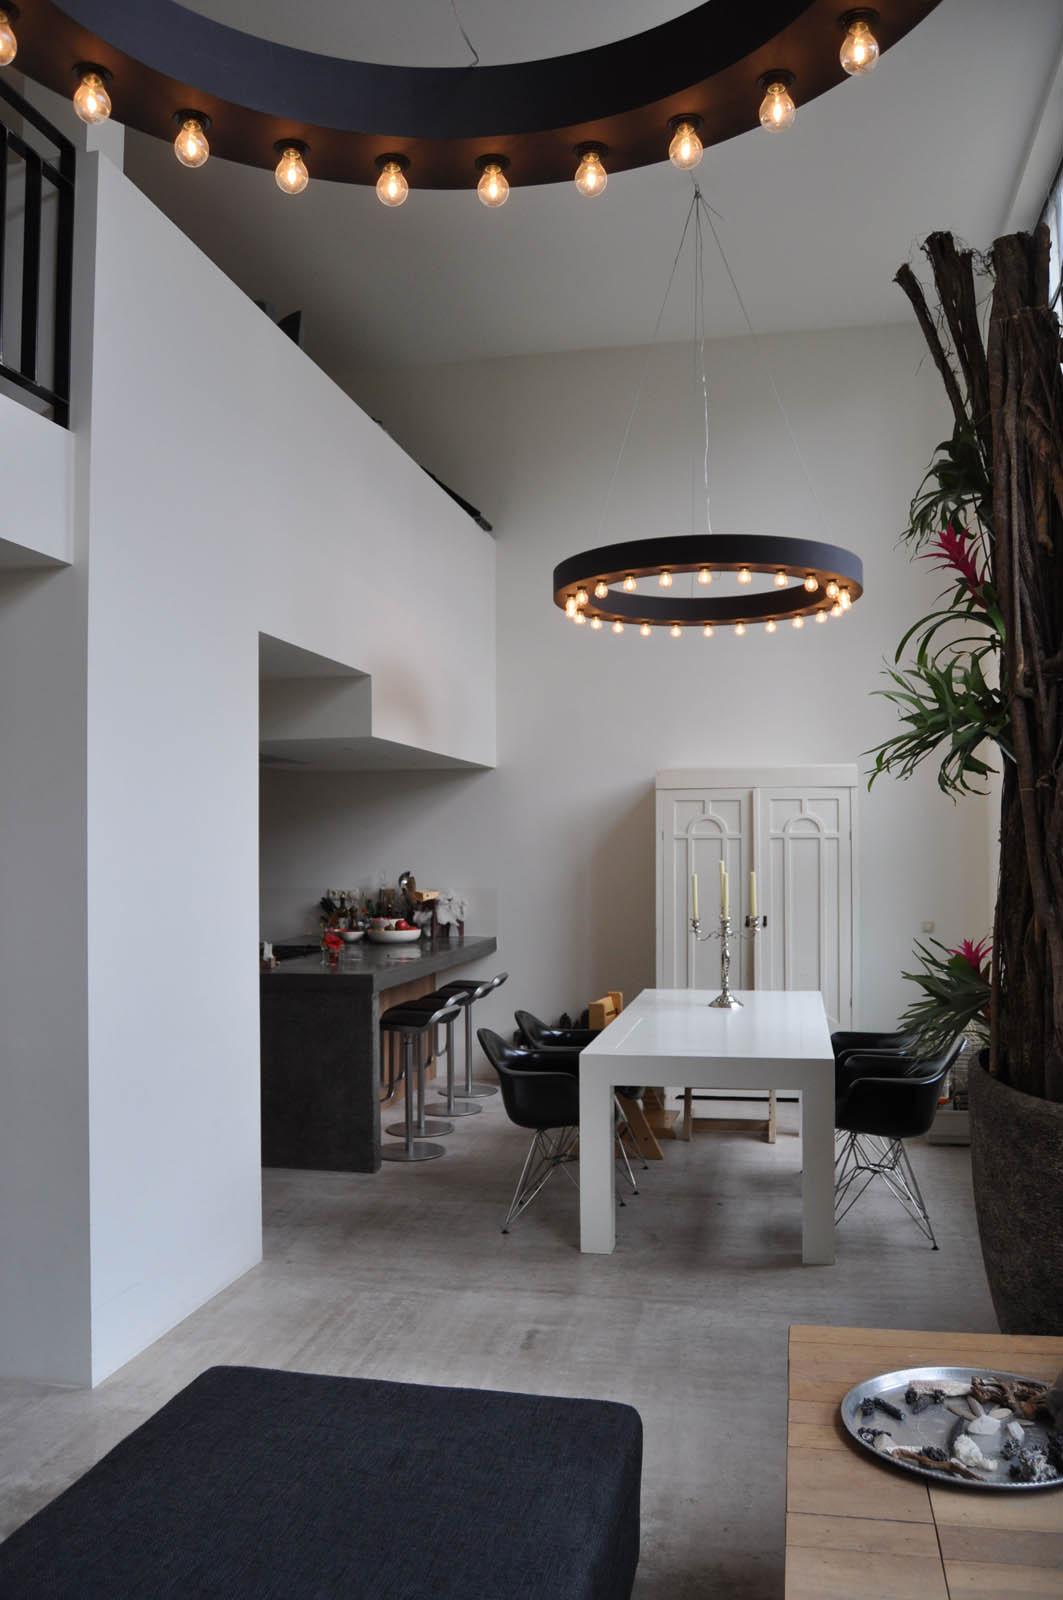 Kitchen, Ripperda kazerne, by Jeroen de Nijs